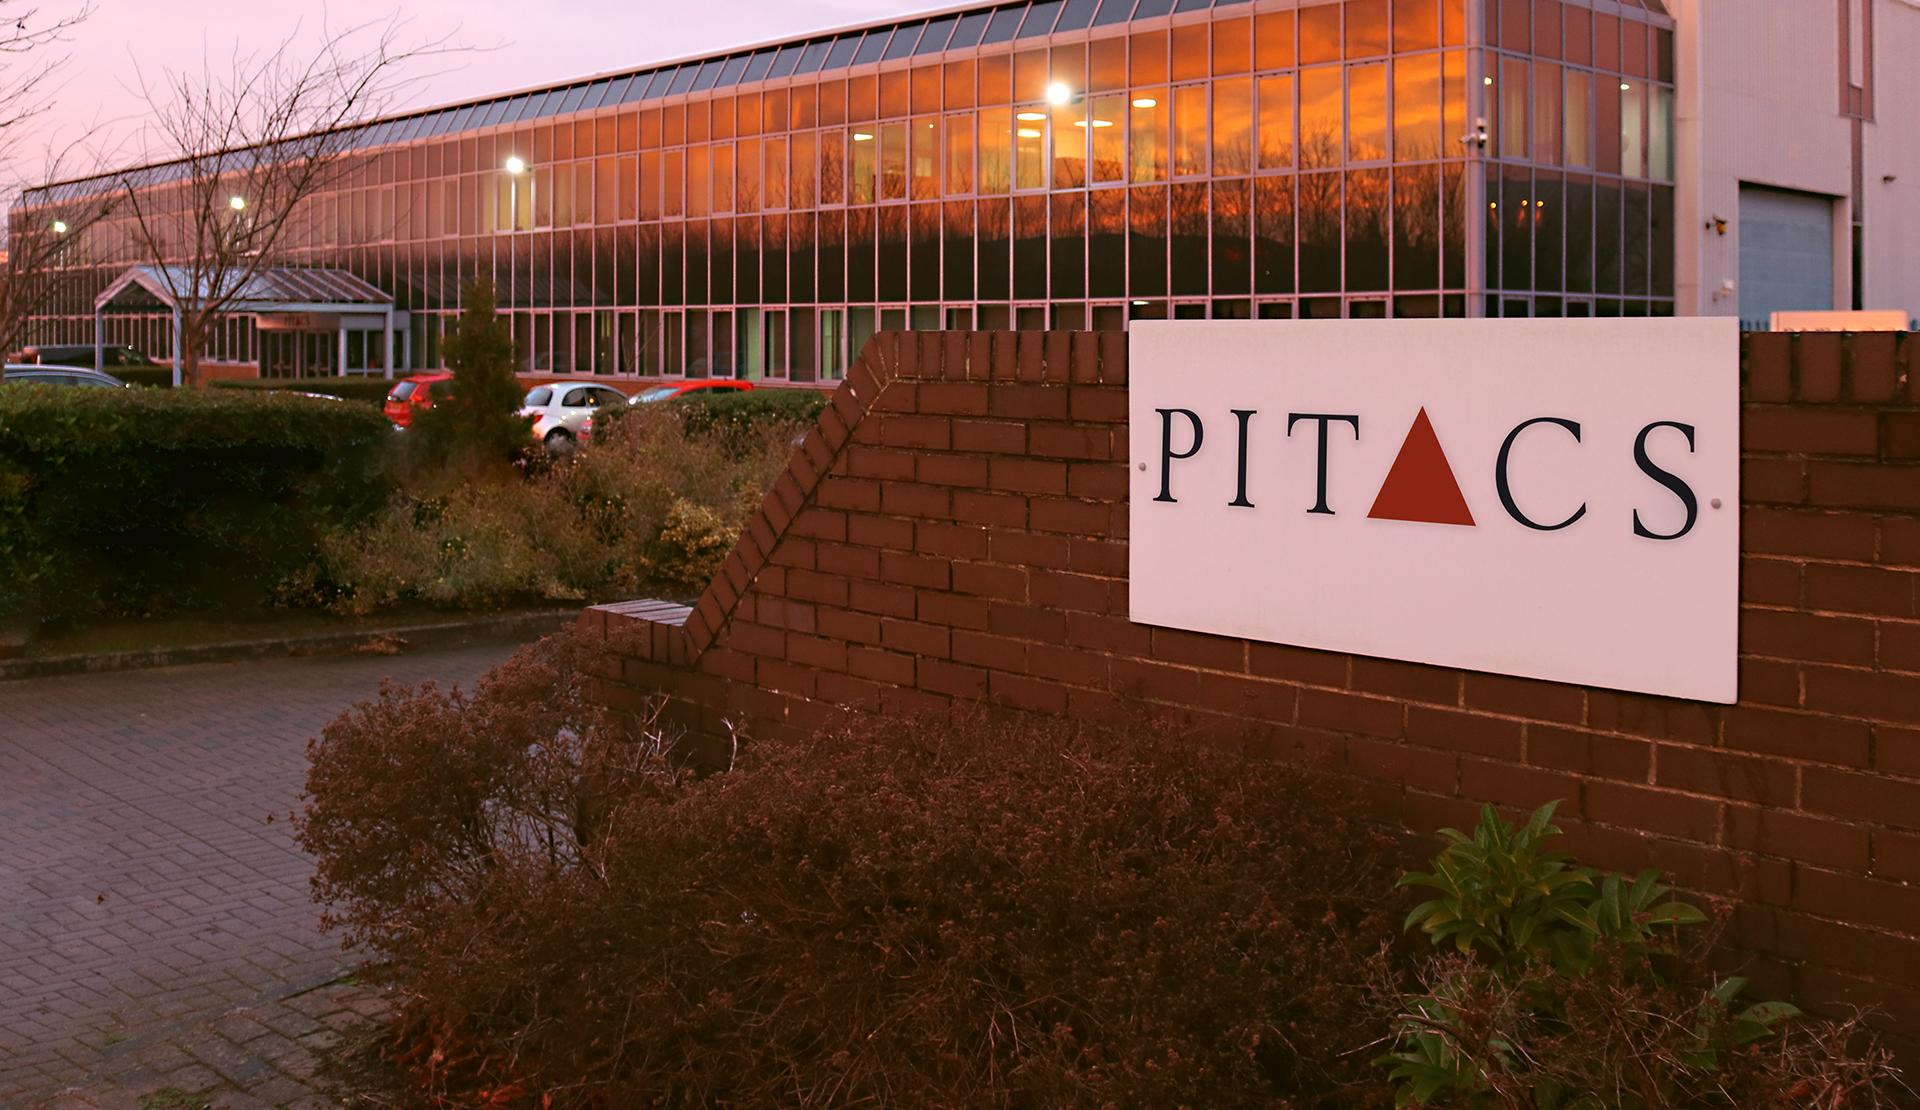 Pitacs Building Exterior 2020